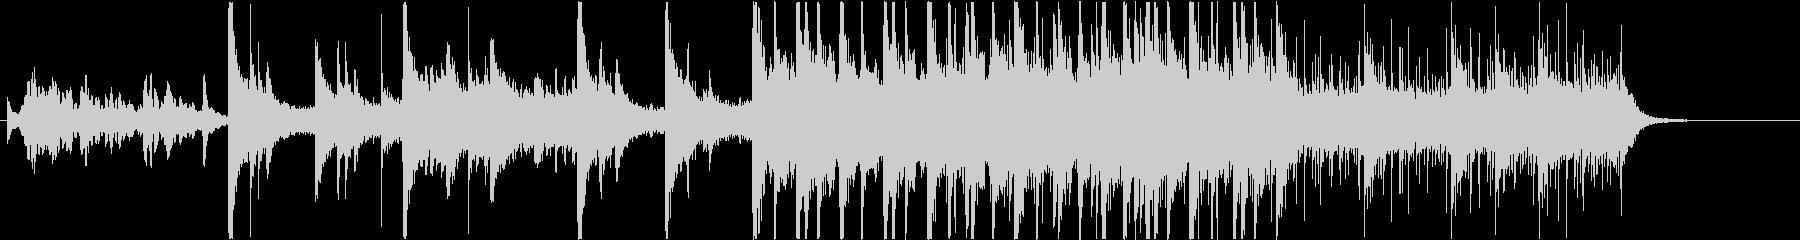 テンション高めるピアノBGM・ライブSEの未再生の波形